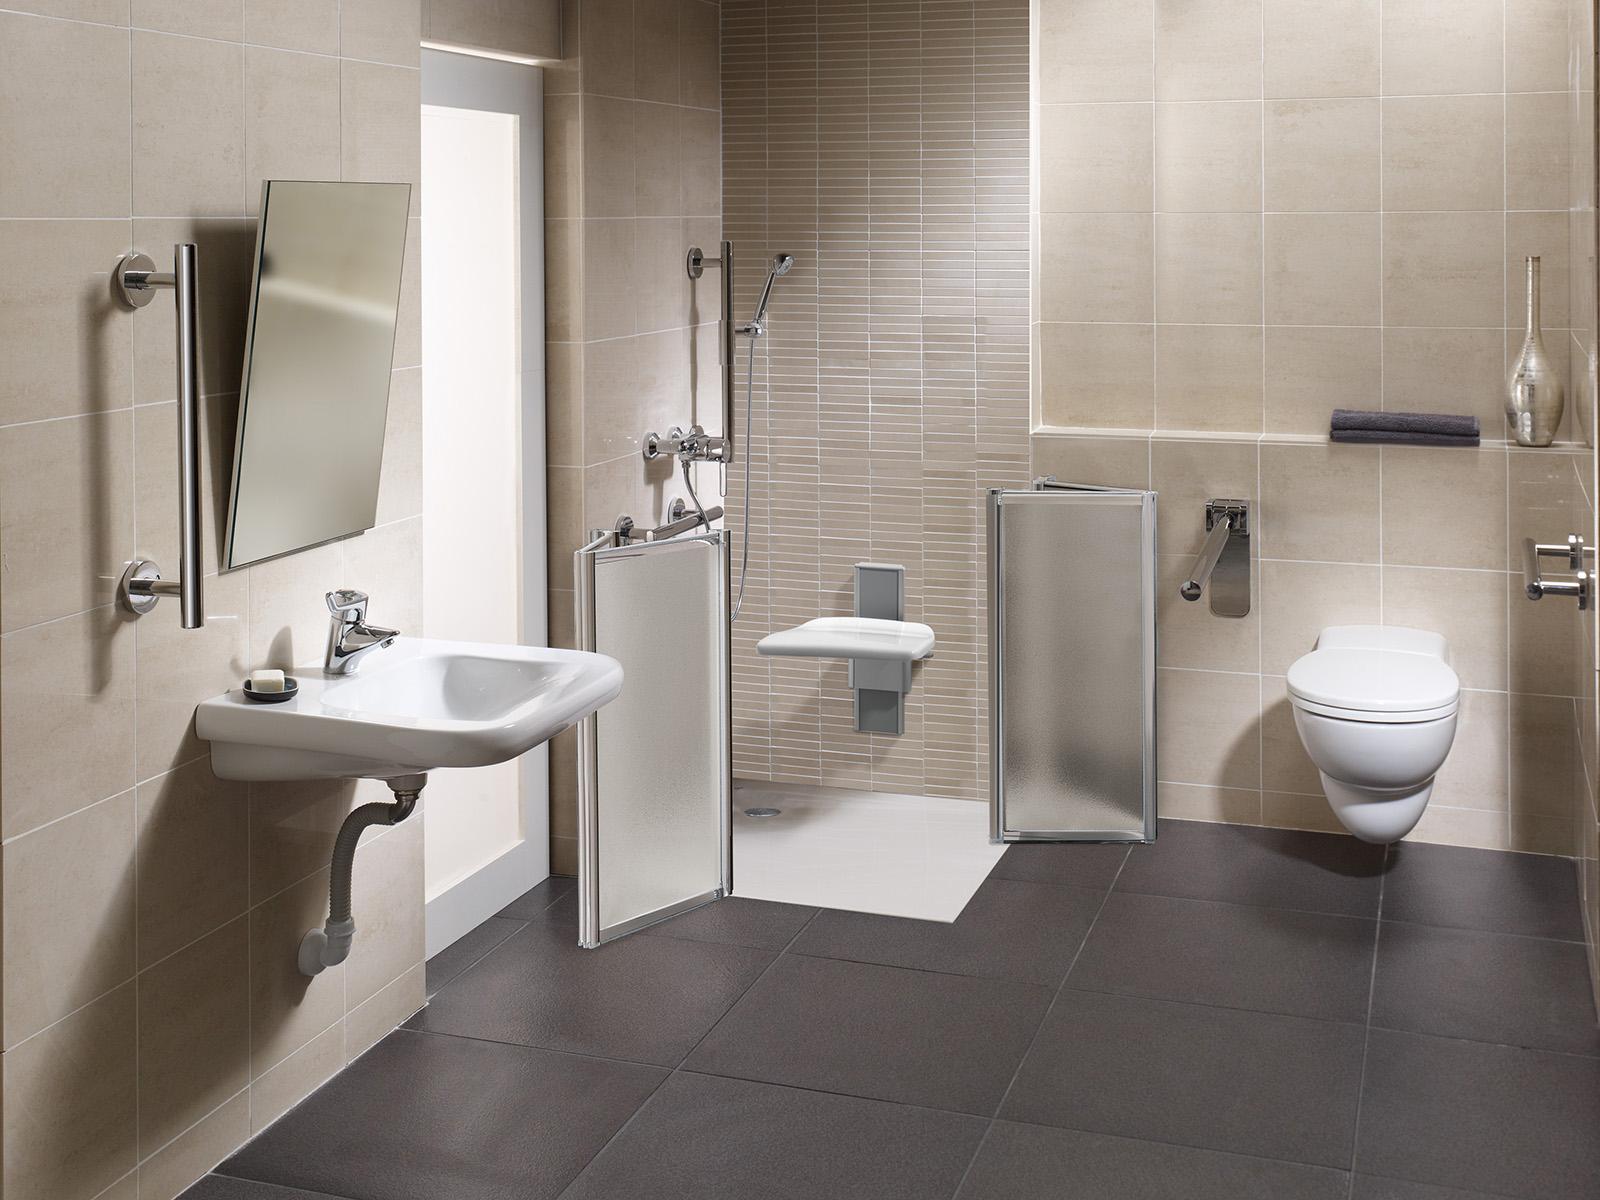 Gallery sanitari ideal standard daripa lecce for Sanitari bagno ideal standard